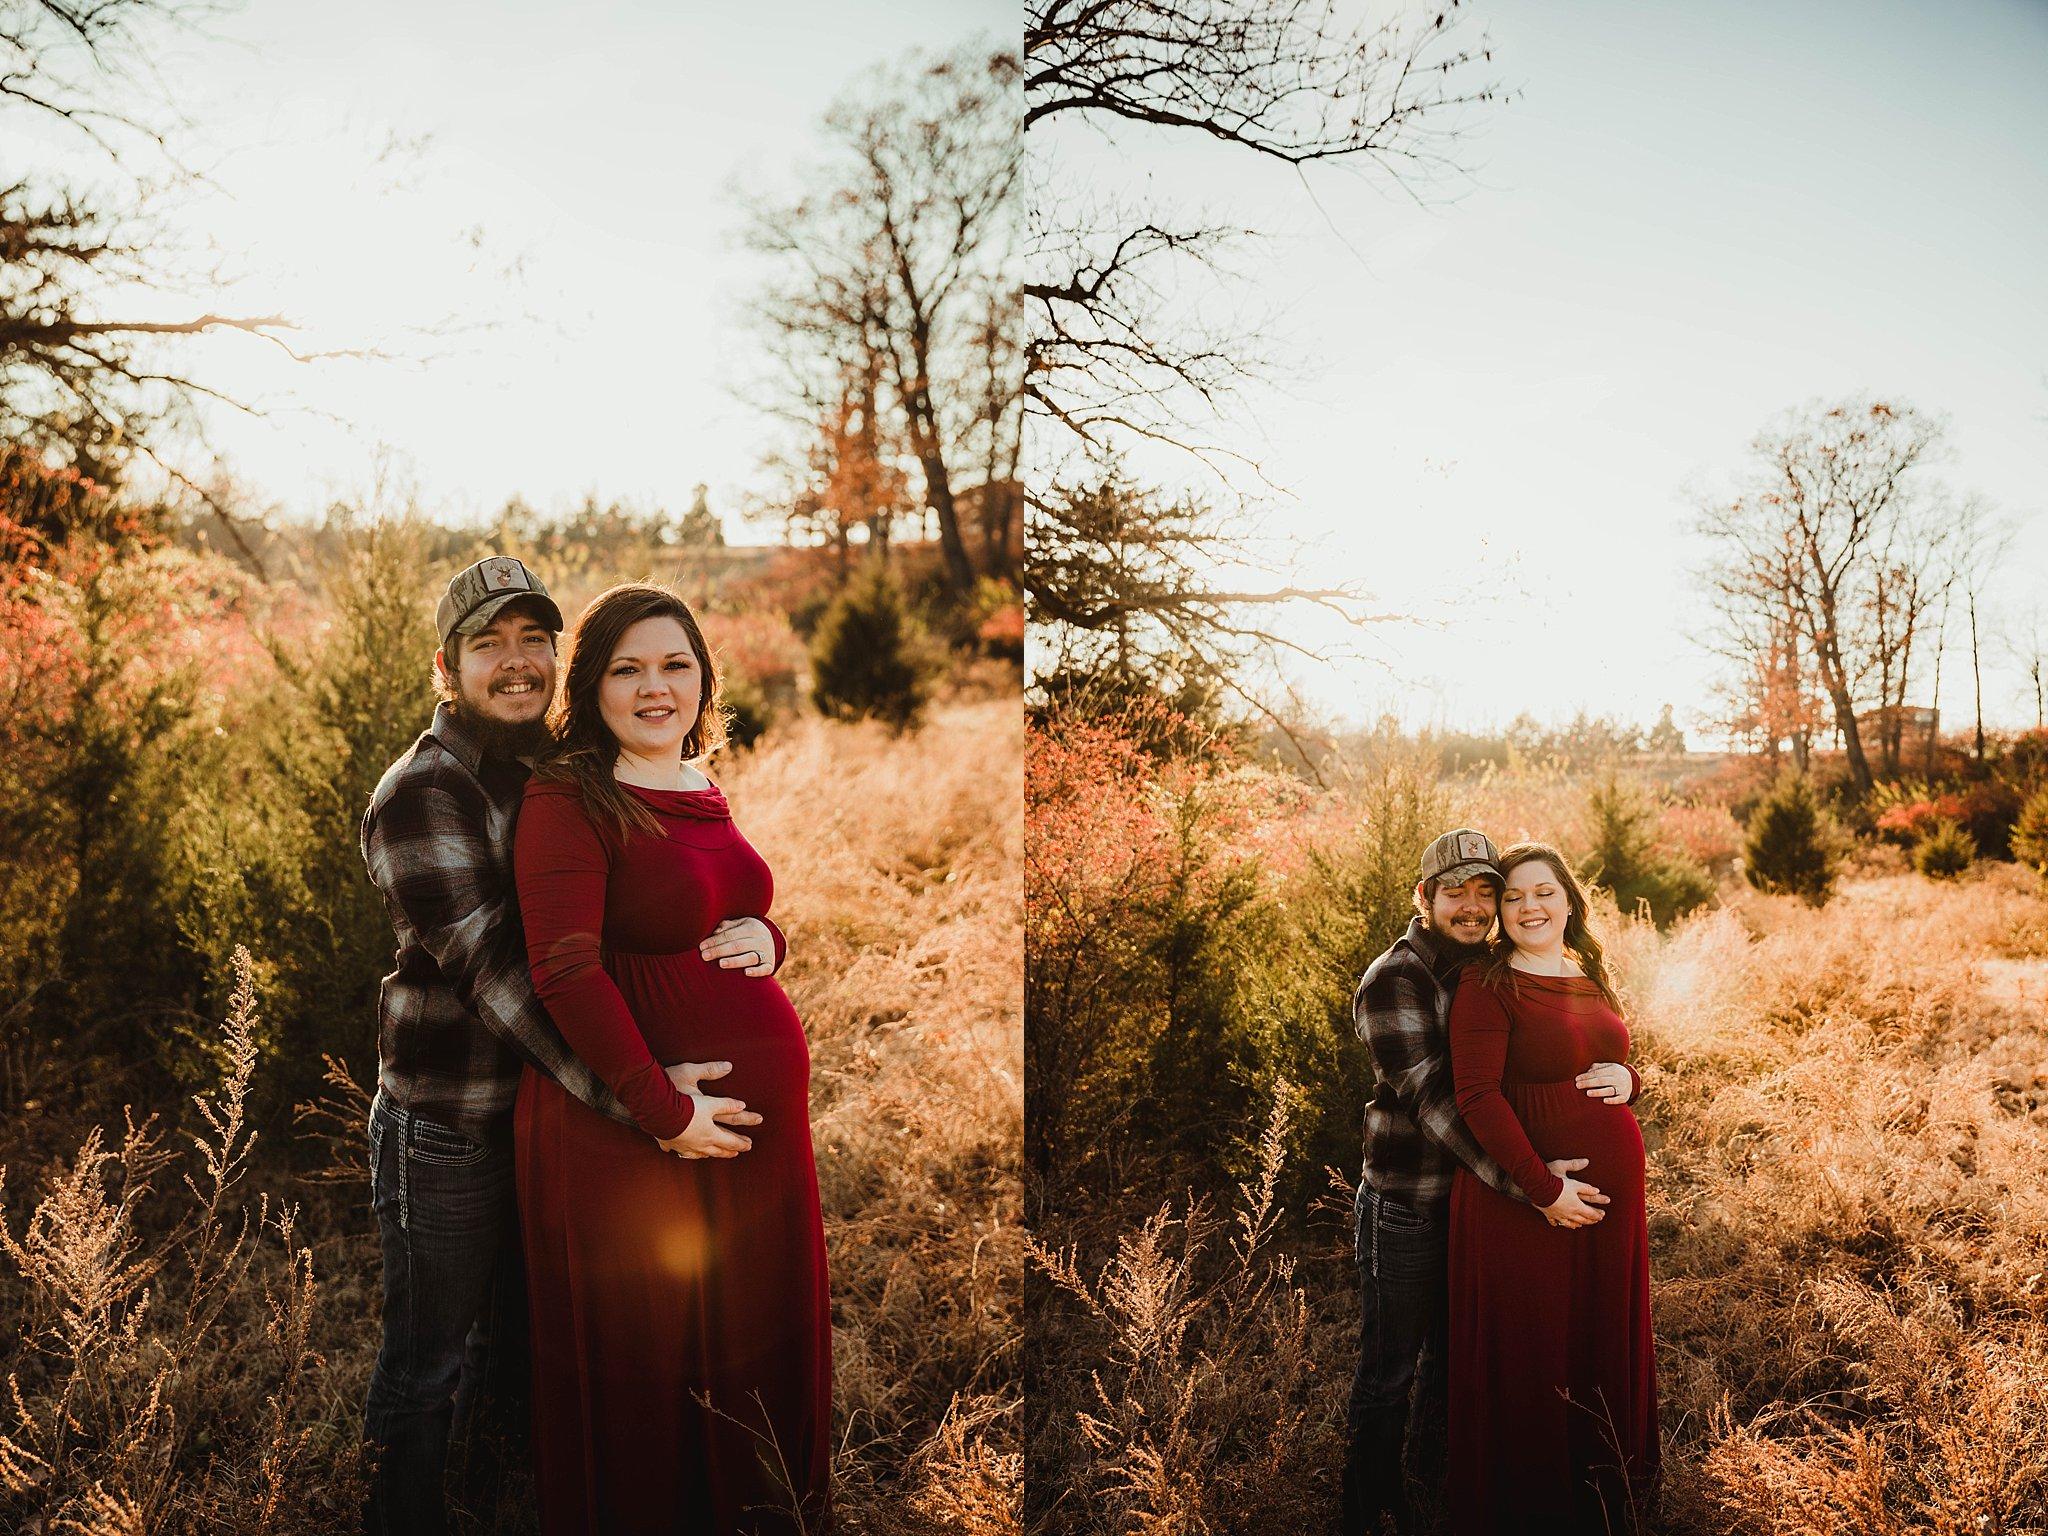 20181105-lebanon-camdenton-family-maternity-newborn-picture-best-baby-photographer-missouri-lebanon-06.jpg